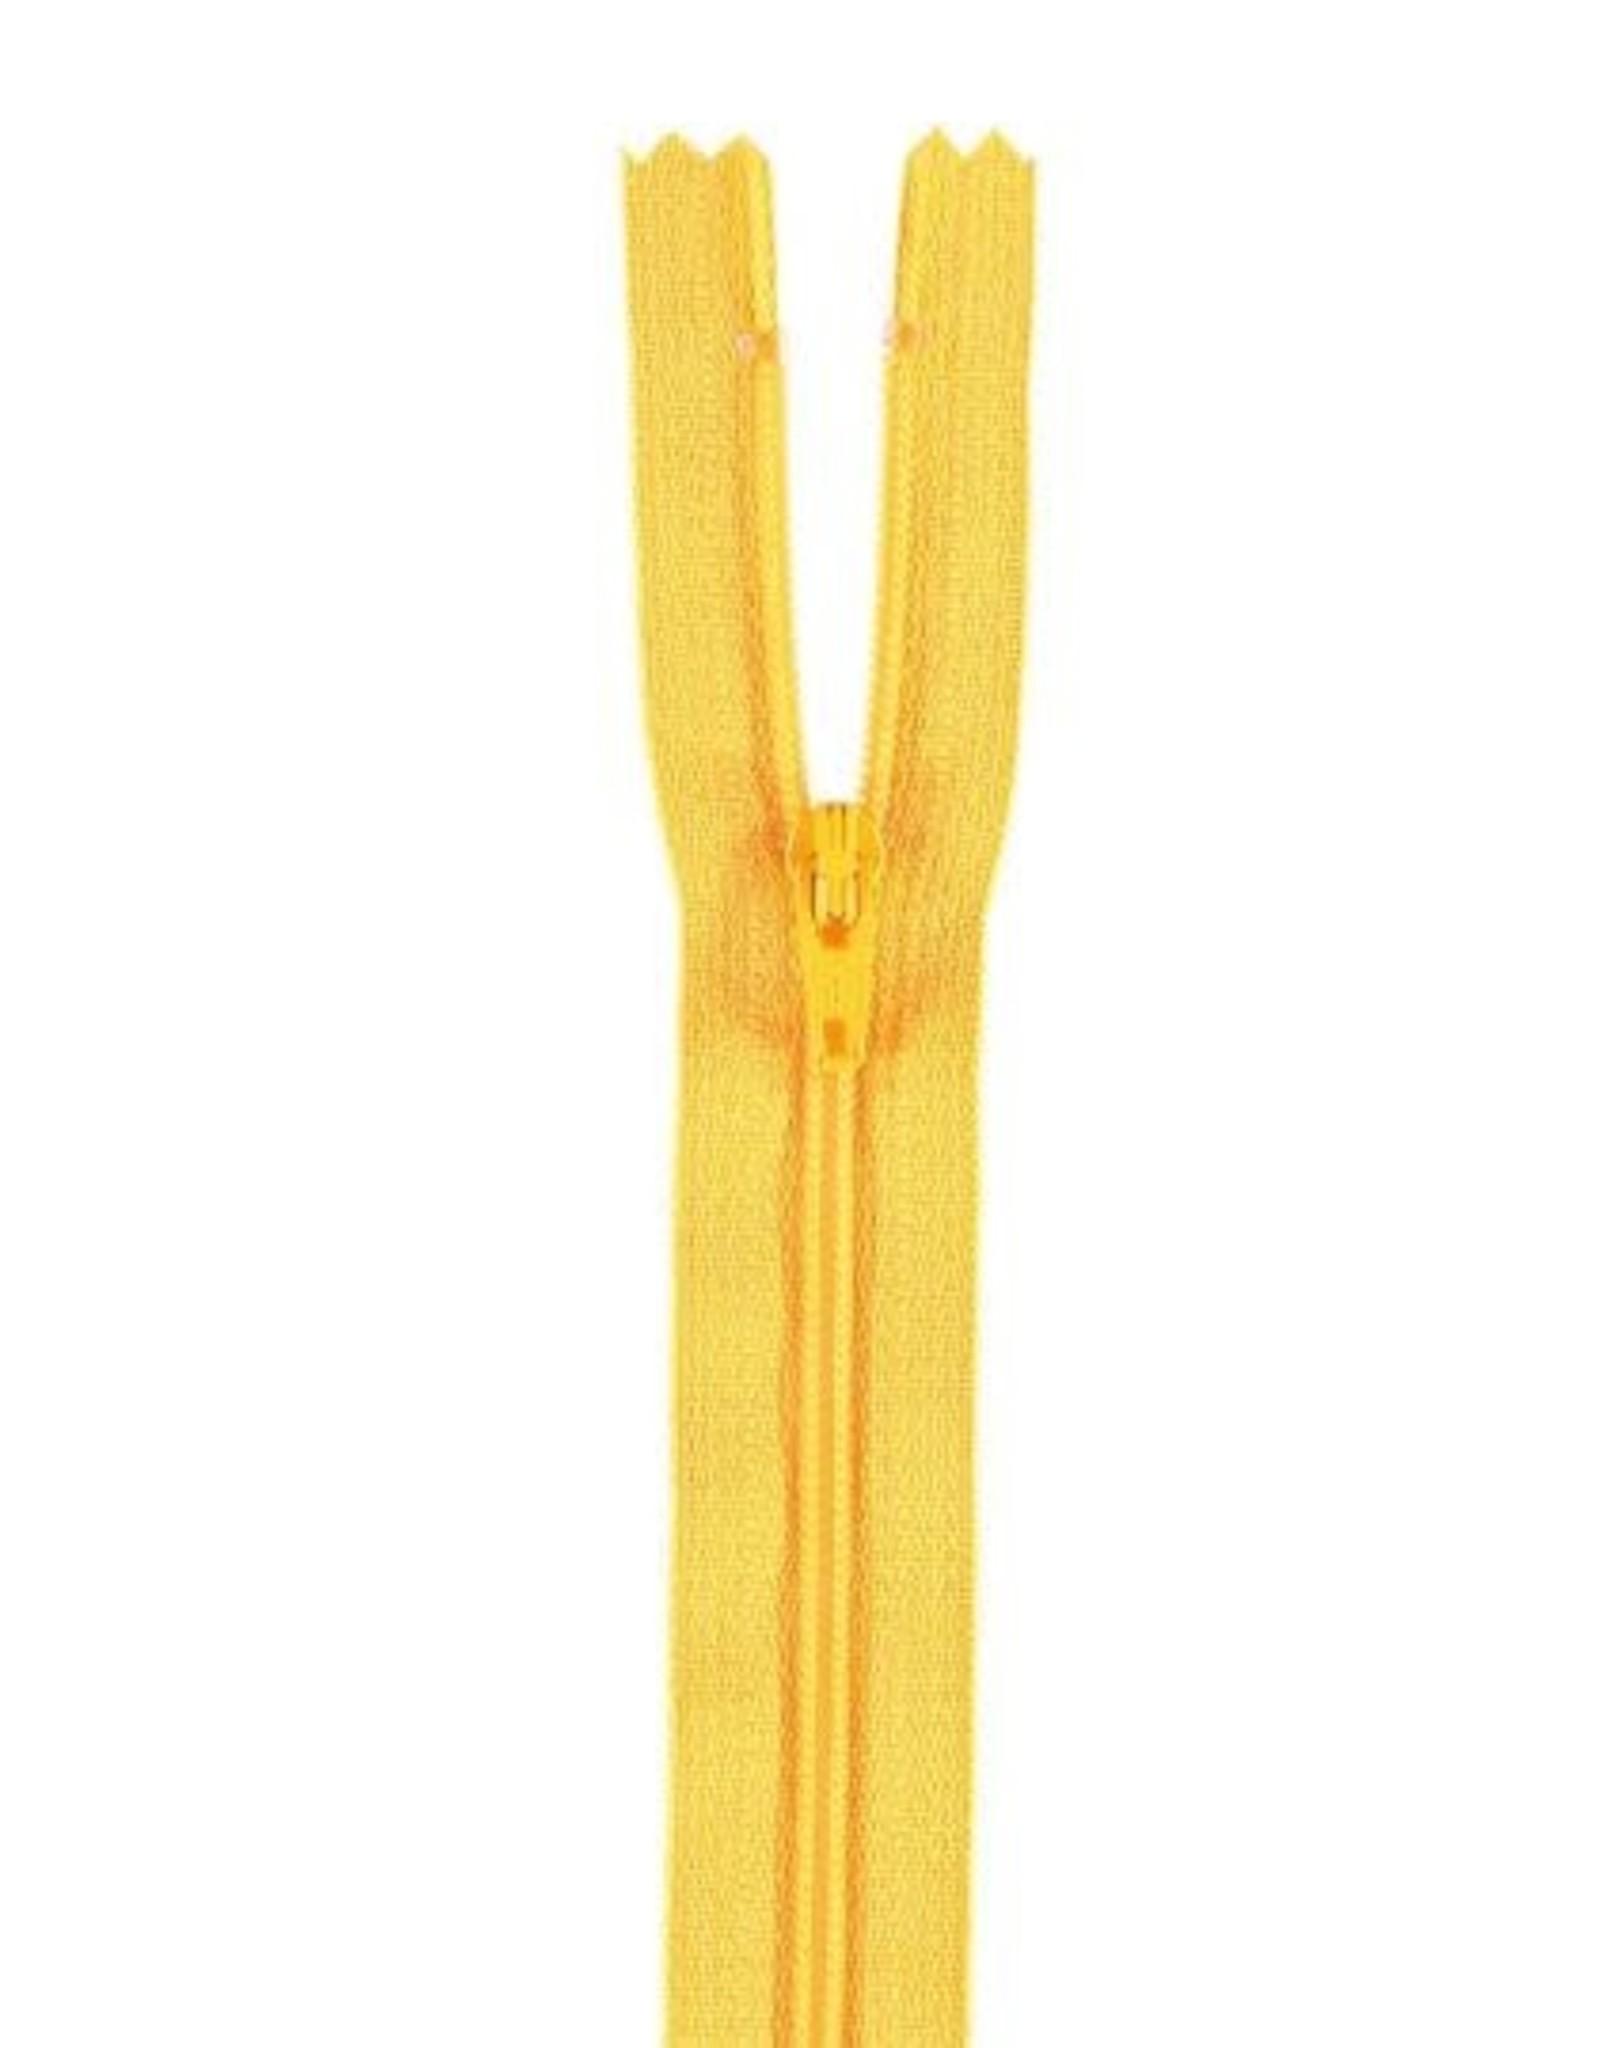 YKK Spiraalrits niet-DB 3mm geel 506-18cm